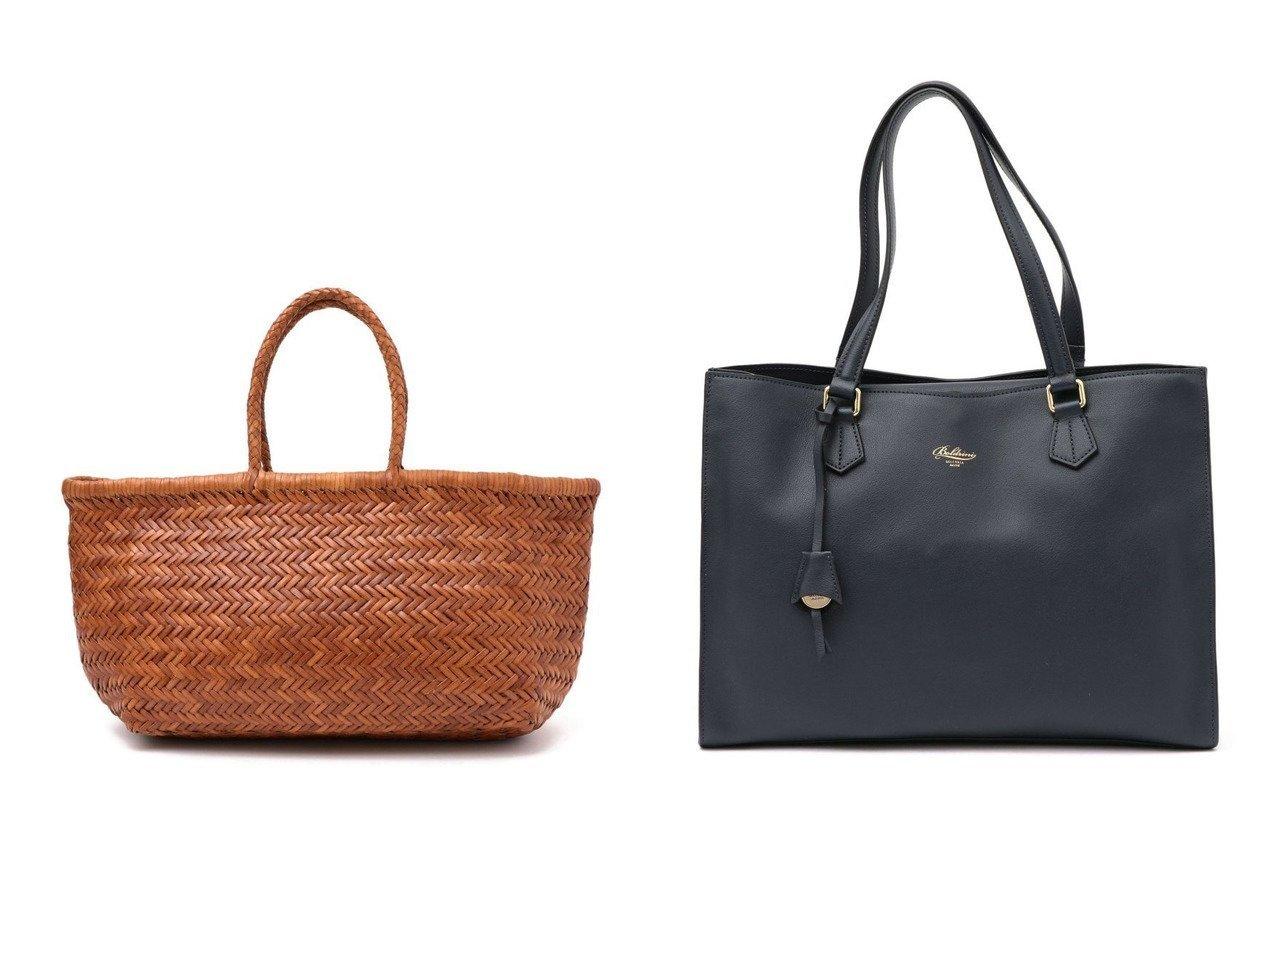 【SHIPS/シップス フォー ウィメン】のDRAGON:トリプルジャンプビッグ&Boldrini Selleria:トートバッグ バッグ・鞄のおすすめ!人気、トレンド・レディースファッションの通販  おすすめで人気の流行・トレンド、ファッションの通販商品 メンズファッション・キッズファッション・インテリア・家具・レディースファッション・服の通販 founy(ファニー) https://founy.com/ ファッション Fashion レディースファッション WOMEN バッグ Bag メッシュ イタリア クラシカル ショルダー シンプル |ID:crp329100000009922